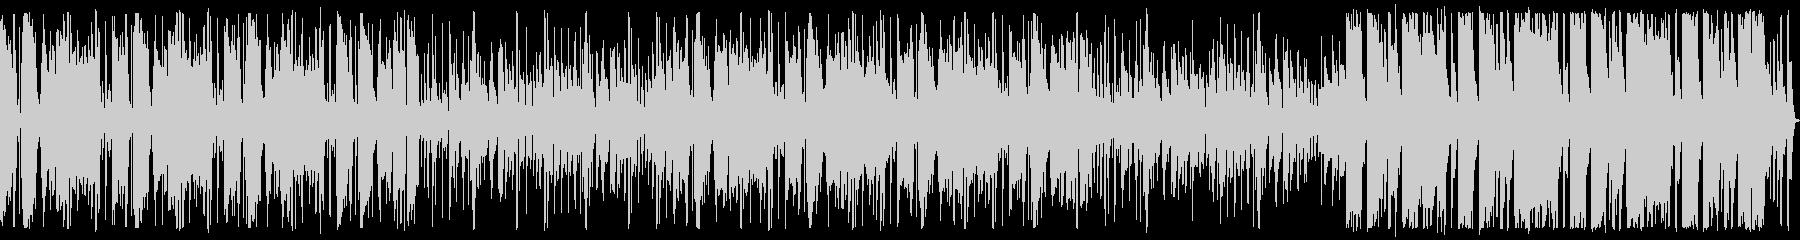 KANTスリリングリズム130_3の未再生の波形